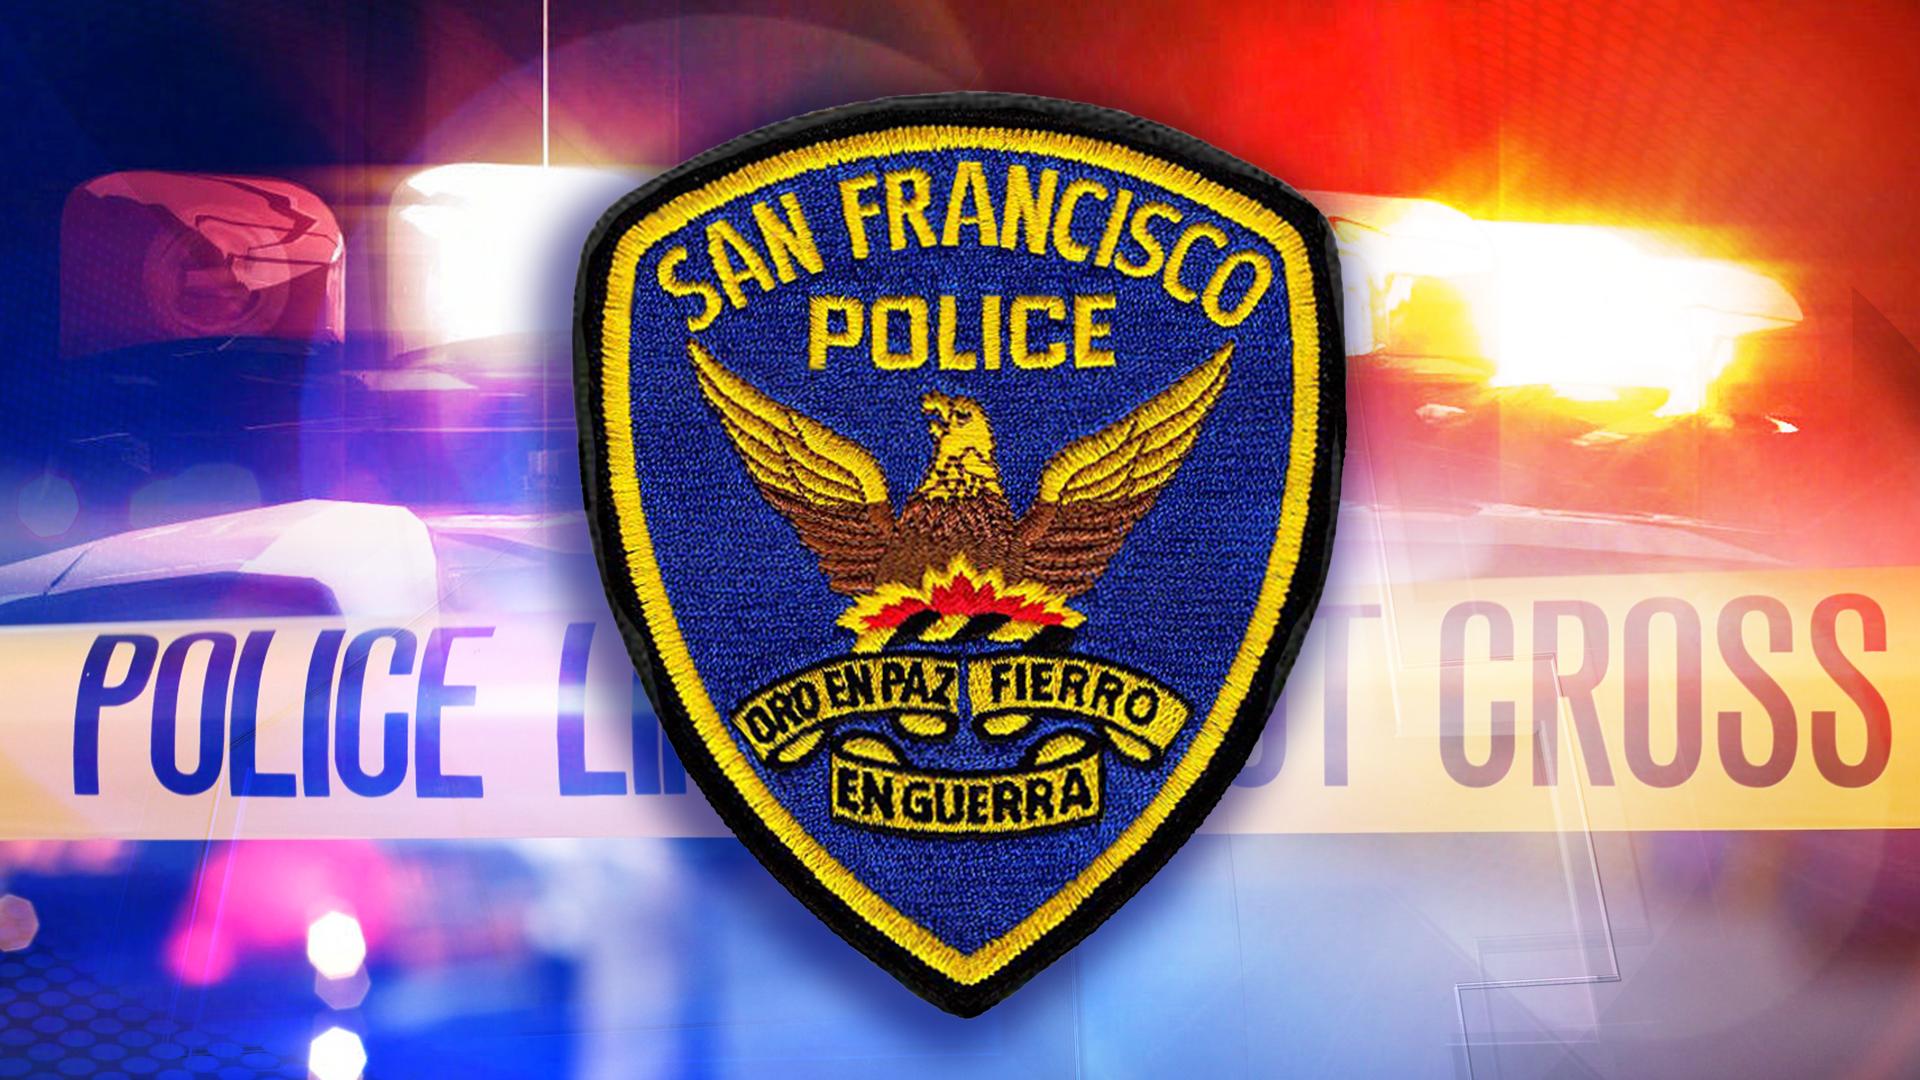 graphic FS Police San Francisco police_1523150834364.jpg.jpg